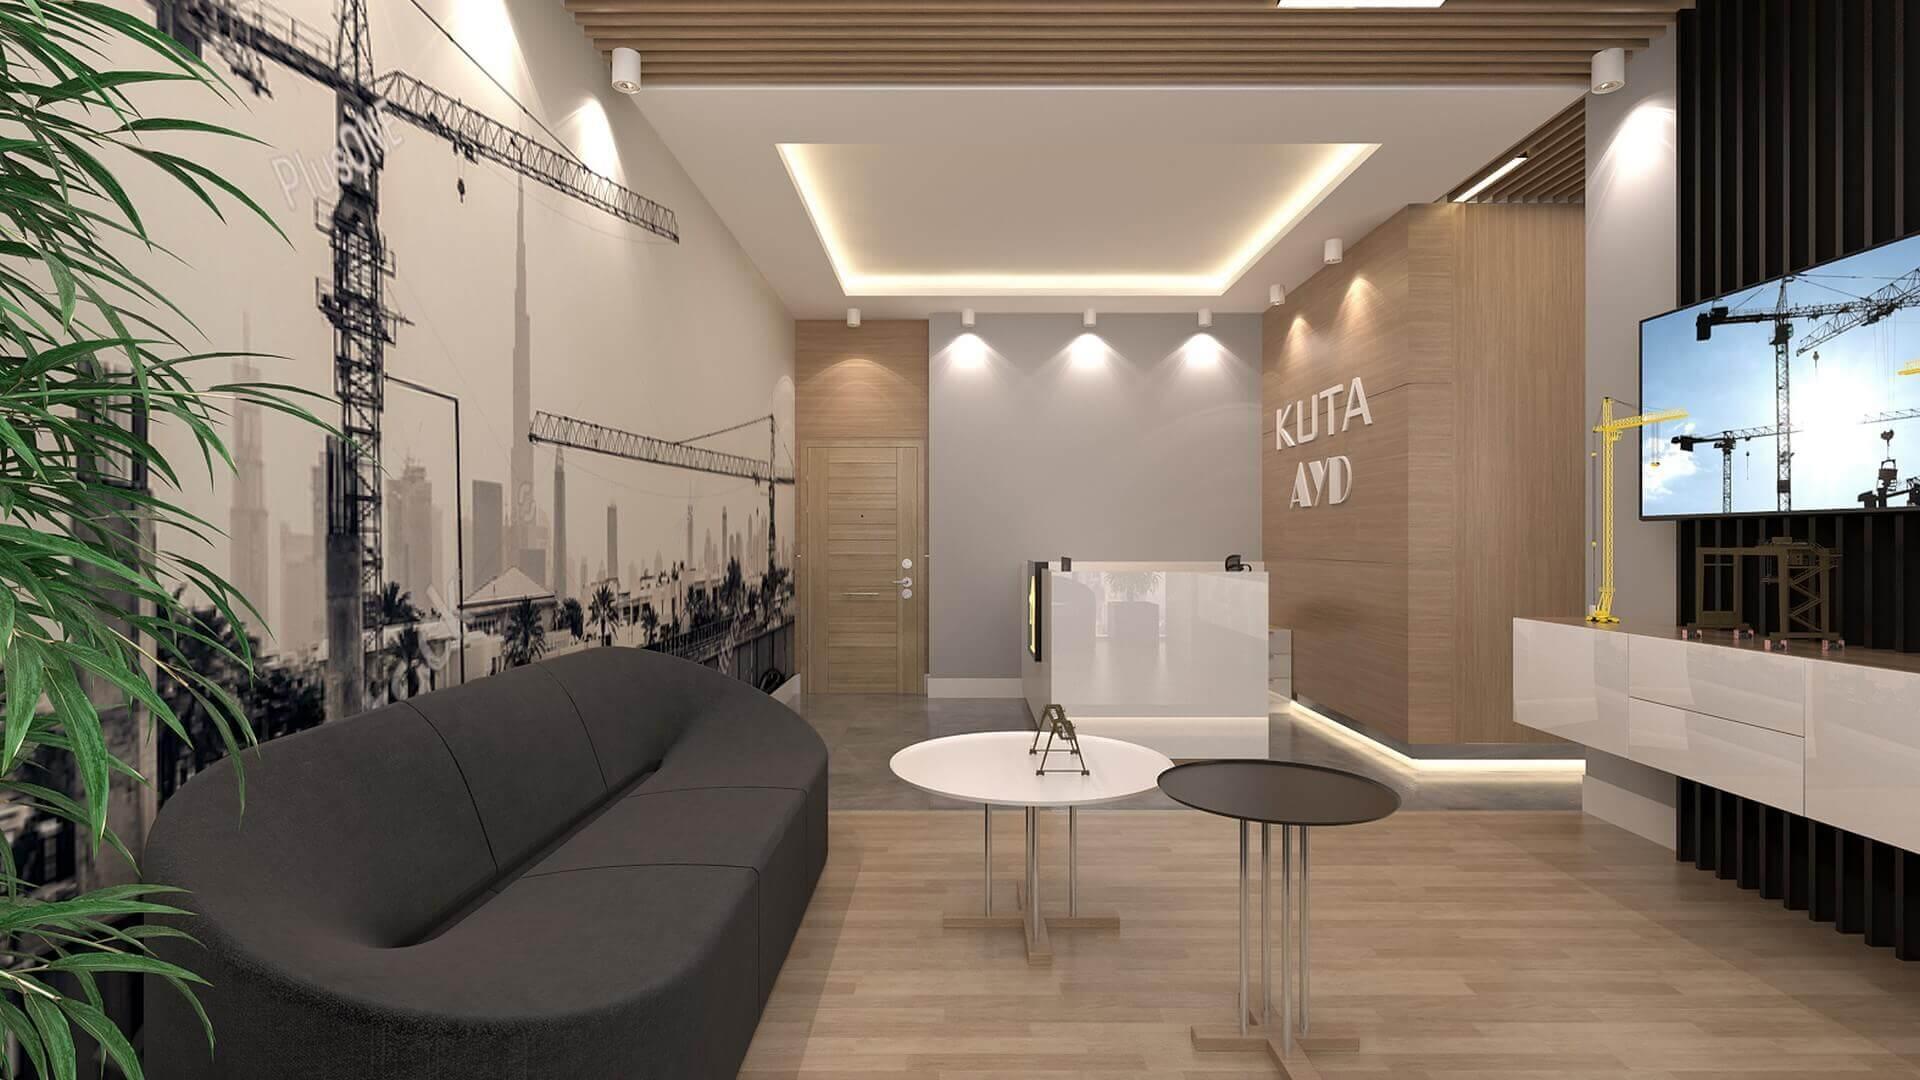 Waiting area 2221 Kuta Office Offices